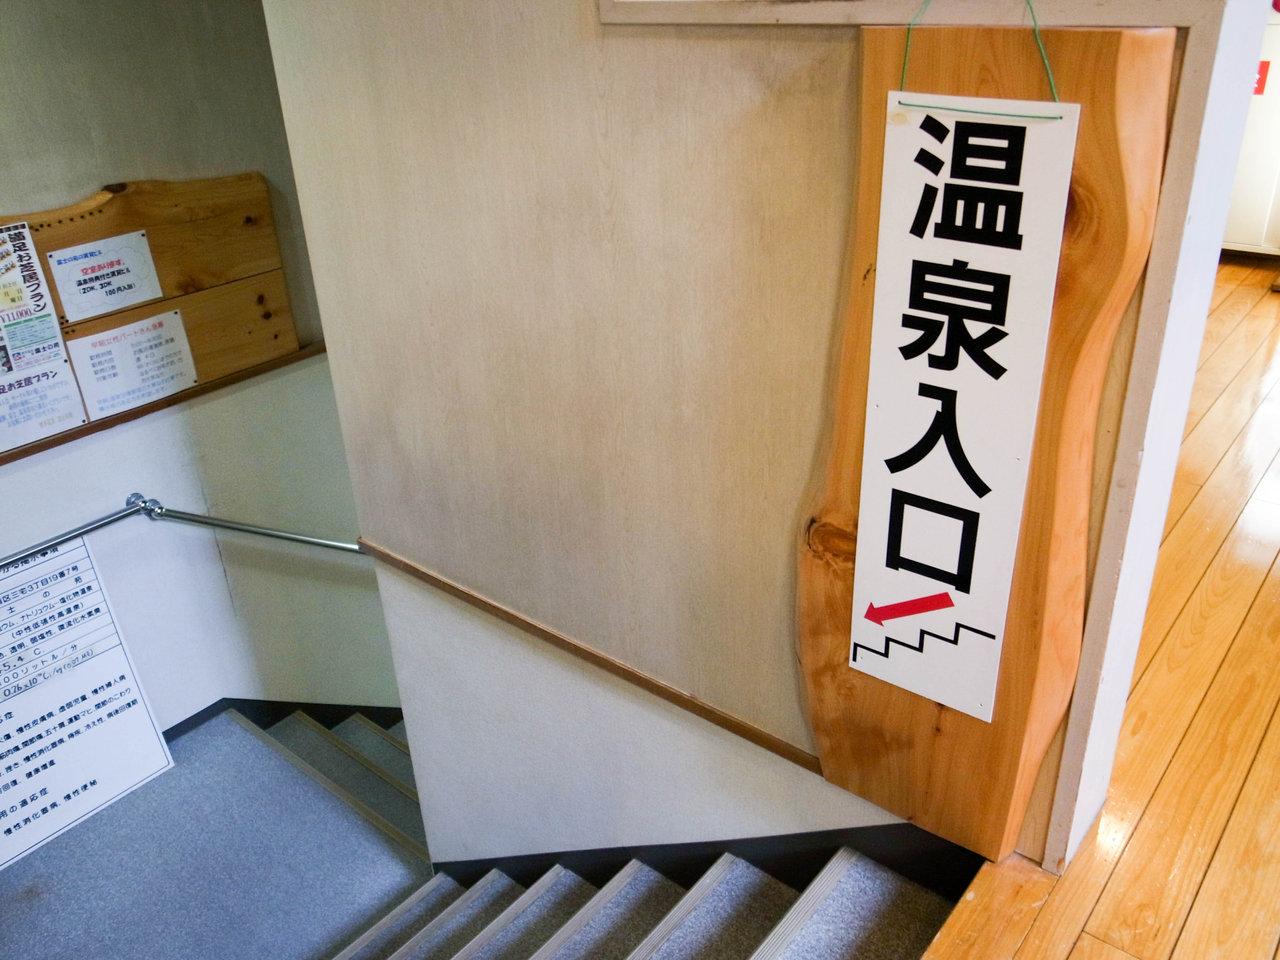 博多にも温泉あったんだ!博多温泉・源泉掛け流しの湯「富士の苑」